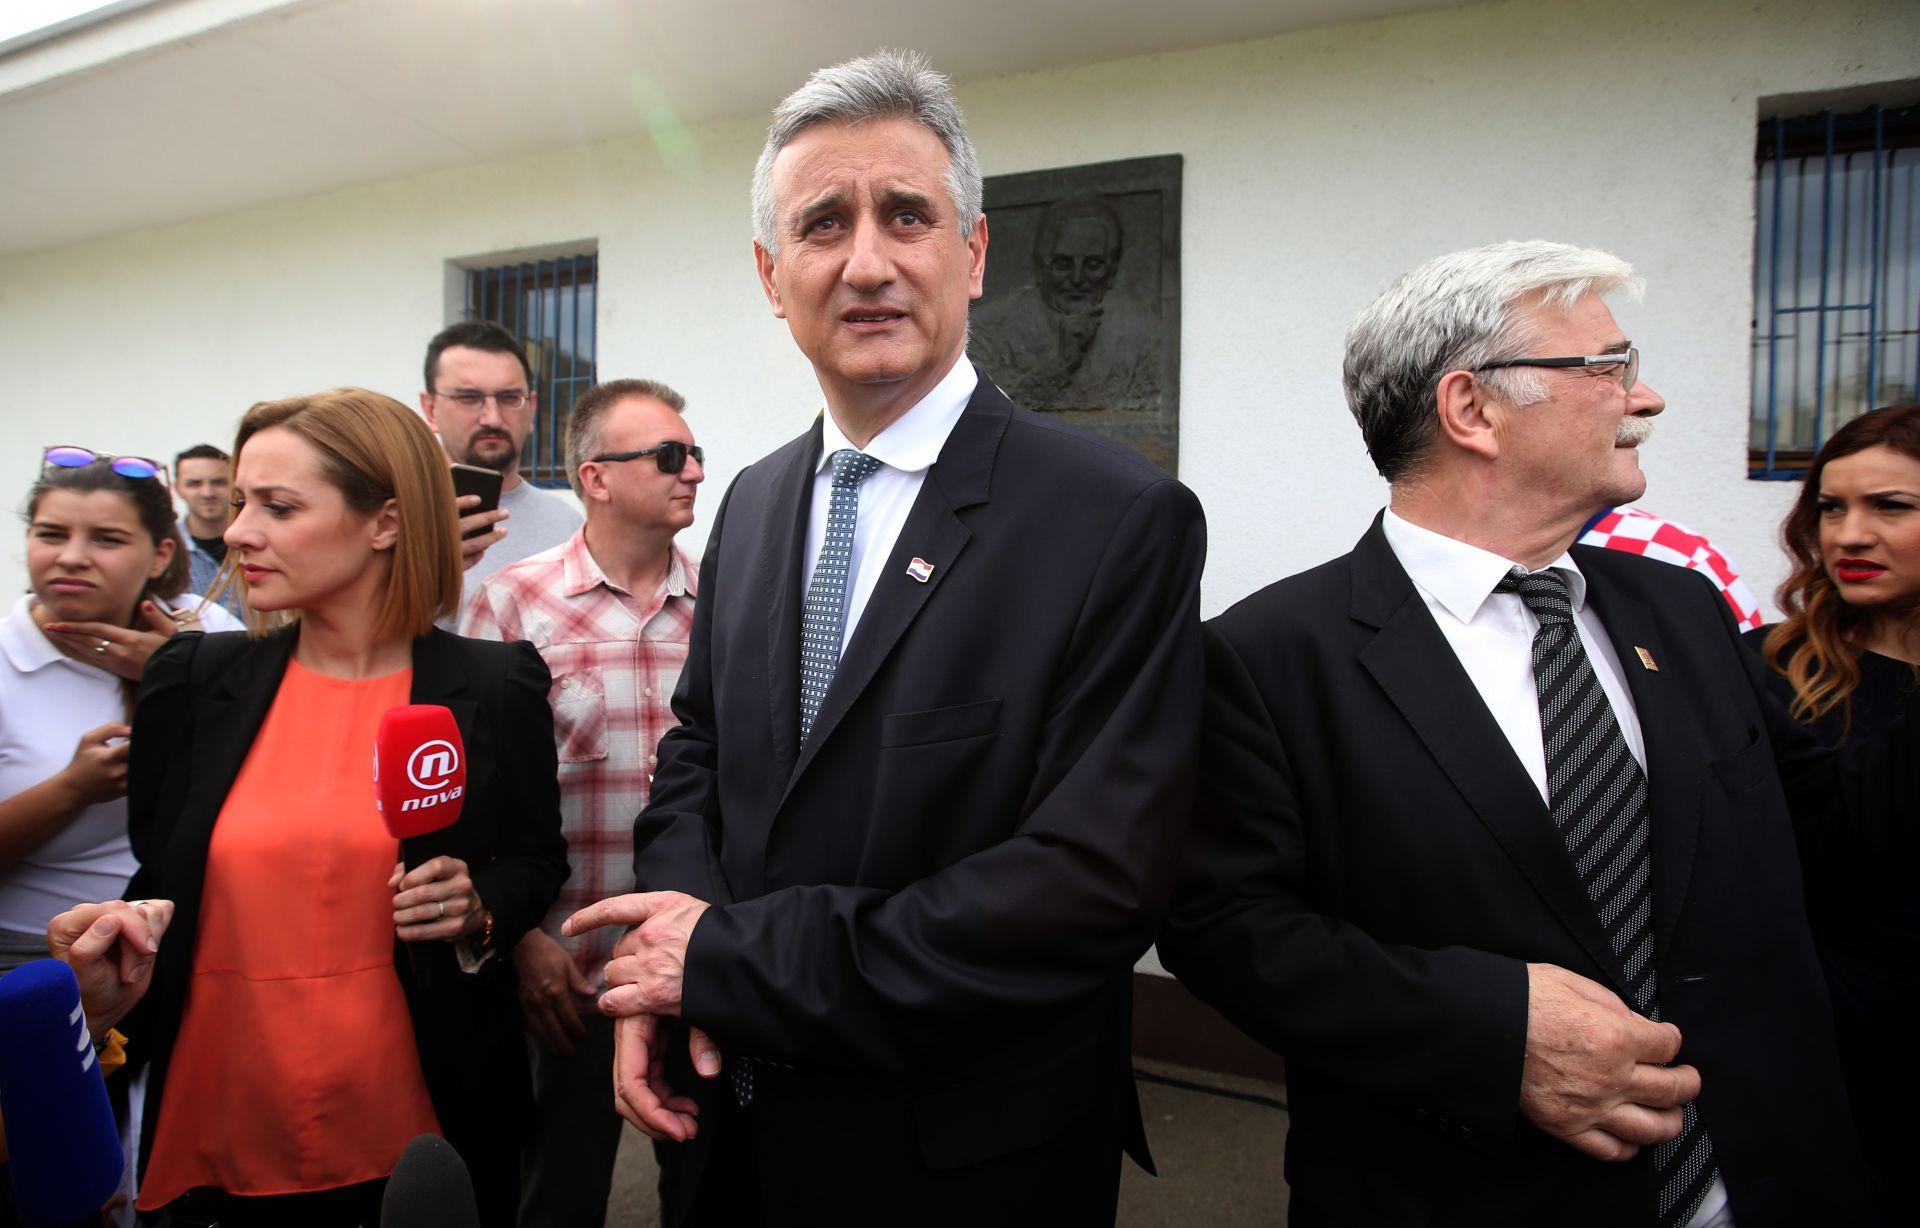 Tomislav Karamarko spreman odstupiti s mjesta predsjednika HDZ-a